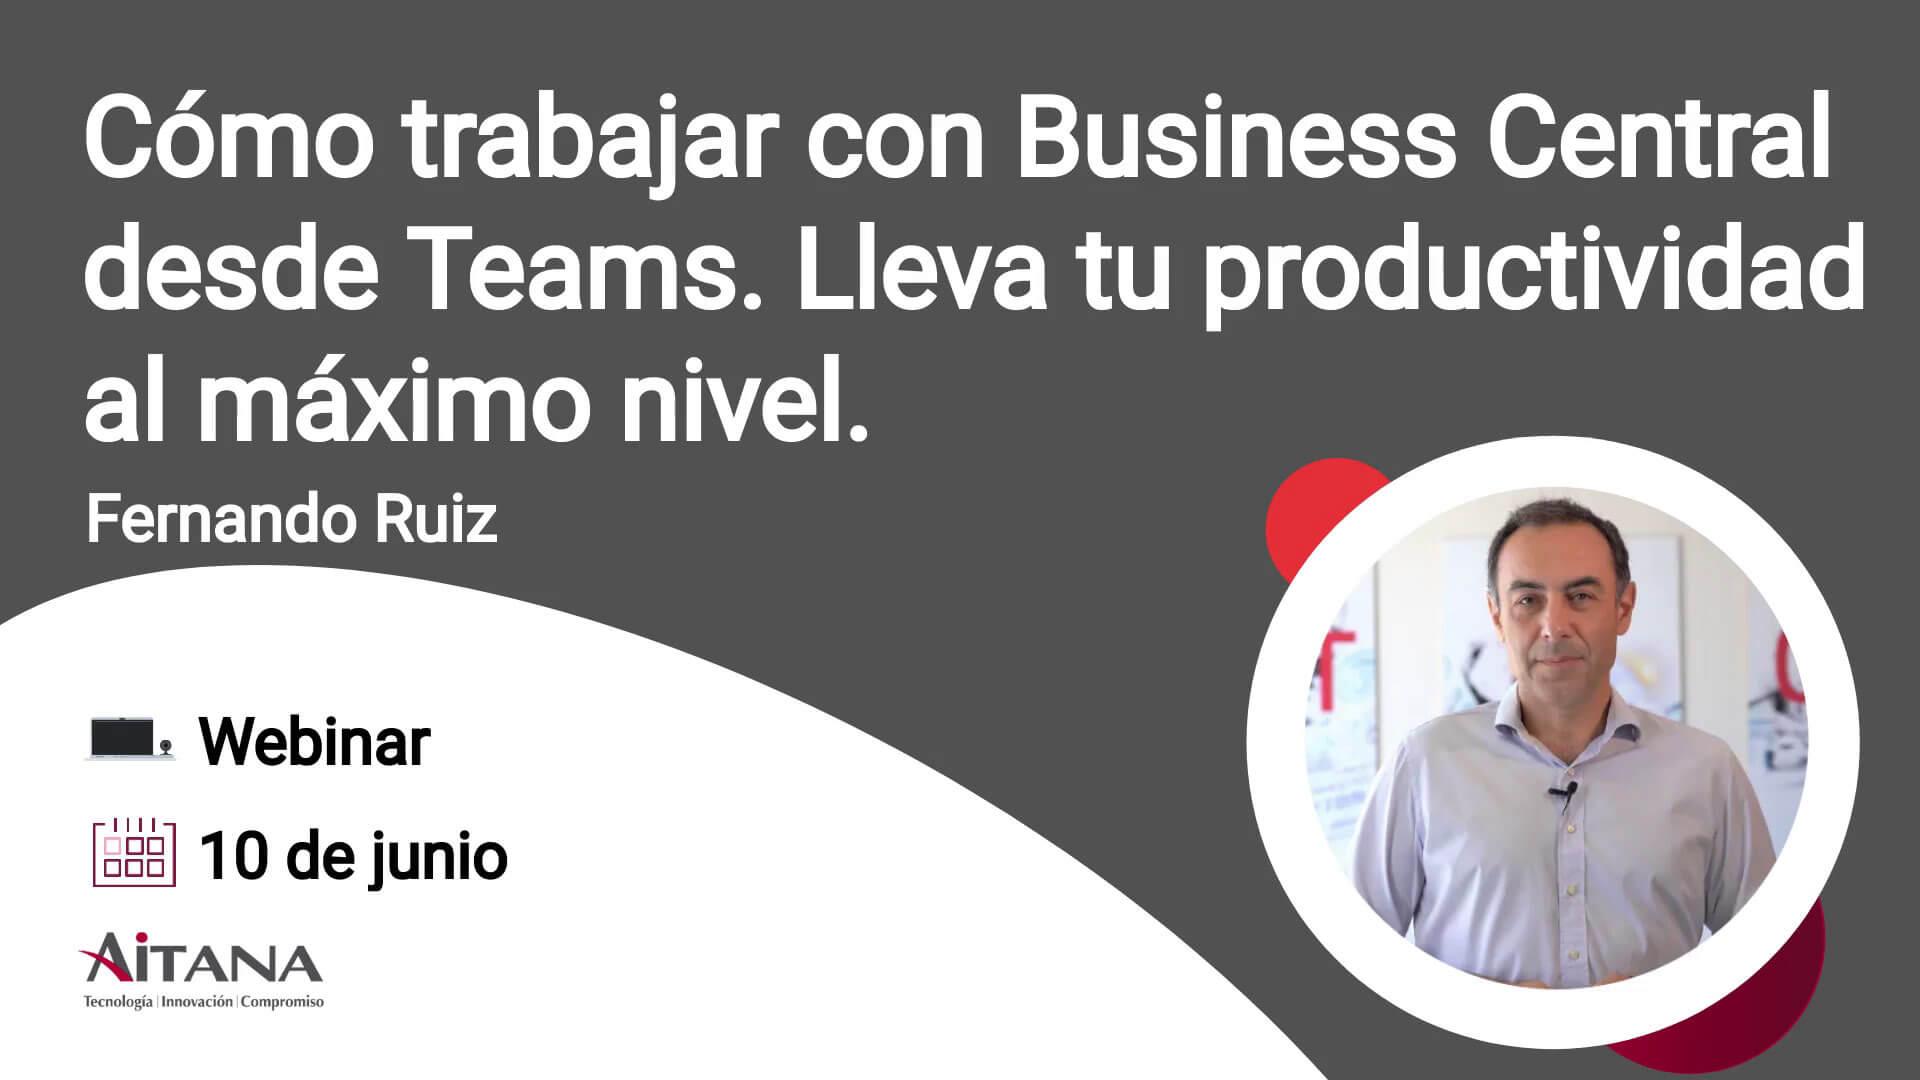 Trabaja-con-business-central-en-teams